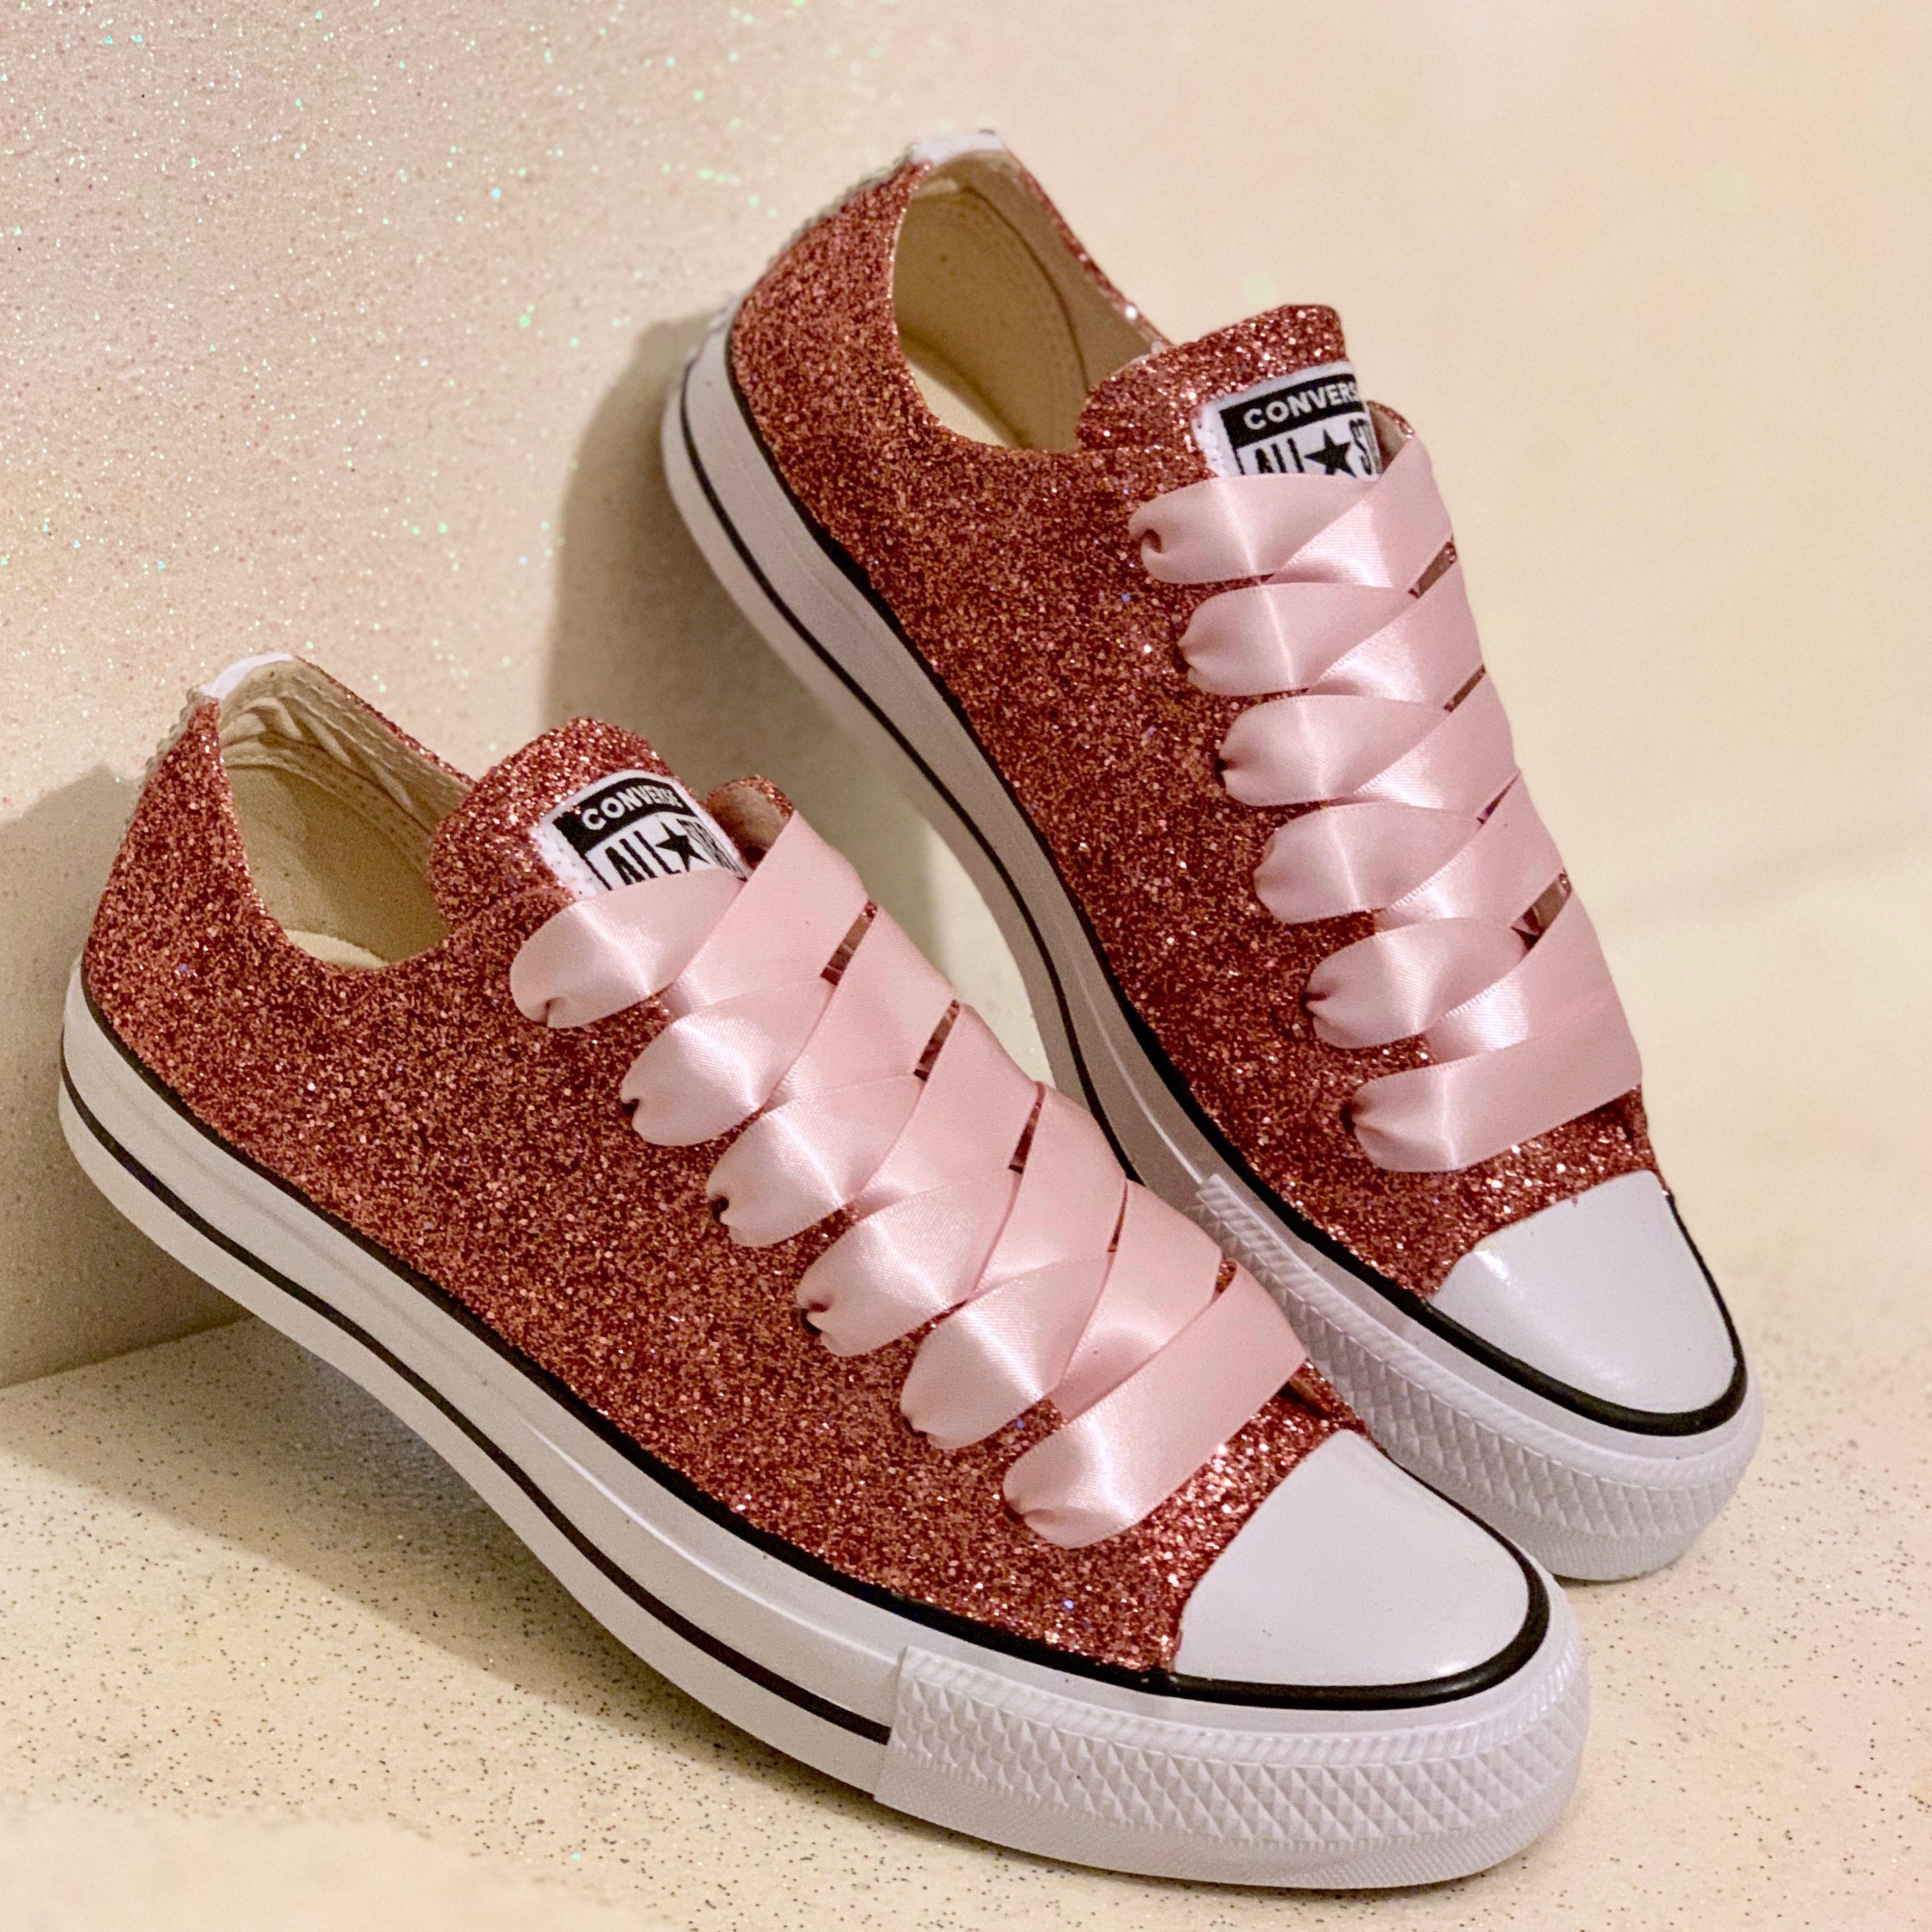 Rose Gold Glitter Converse Www Glittershoeco Com Pink Glitter